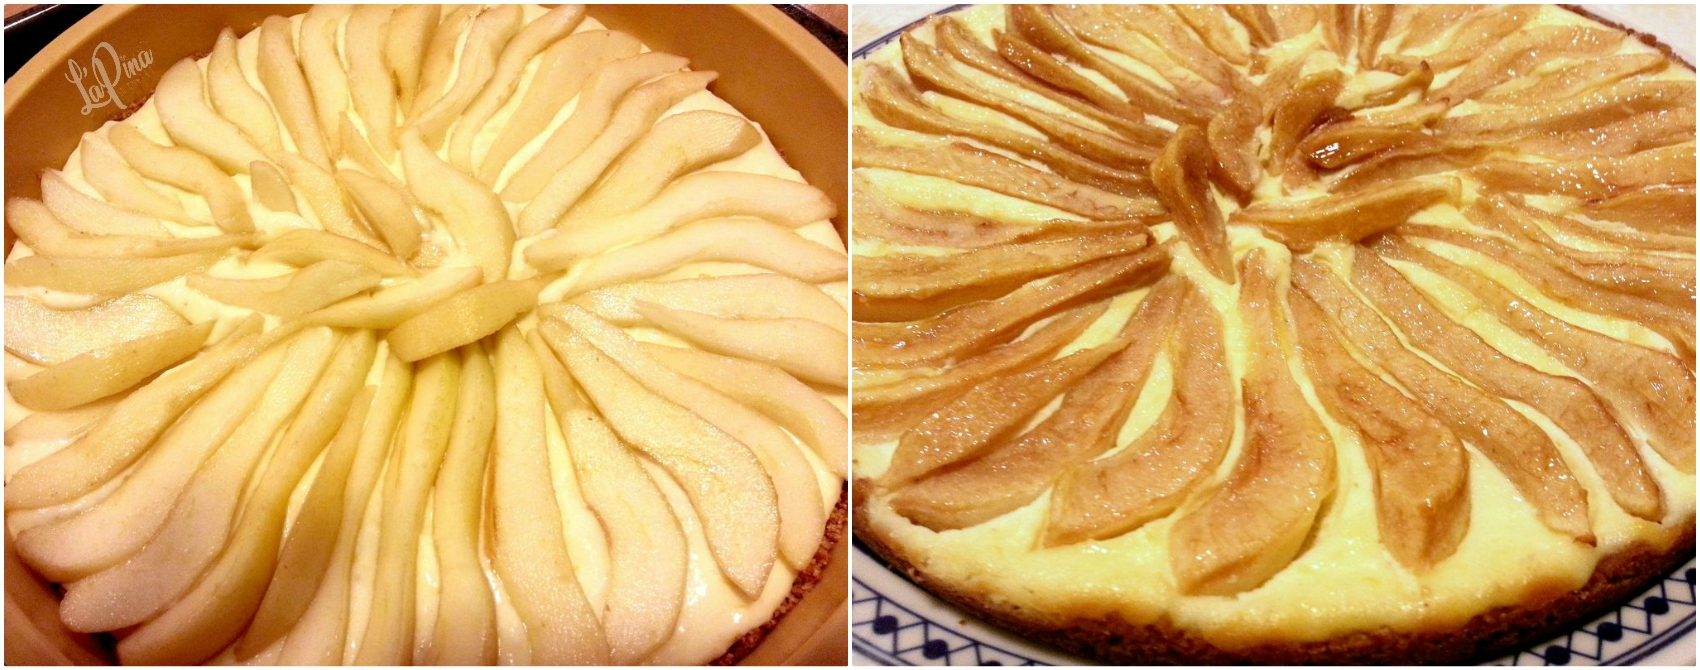 Cheesecake ricotta e pere collage